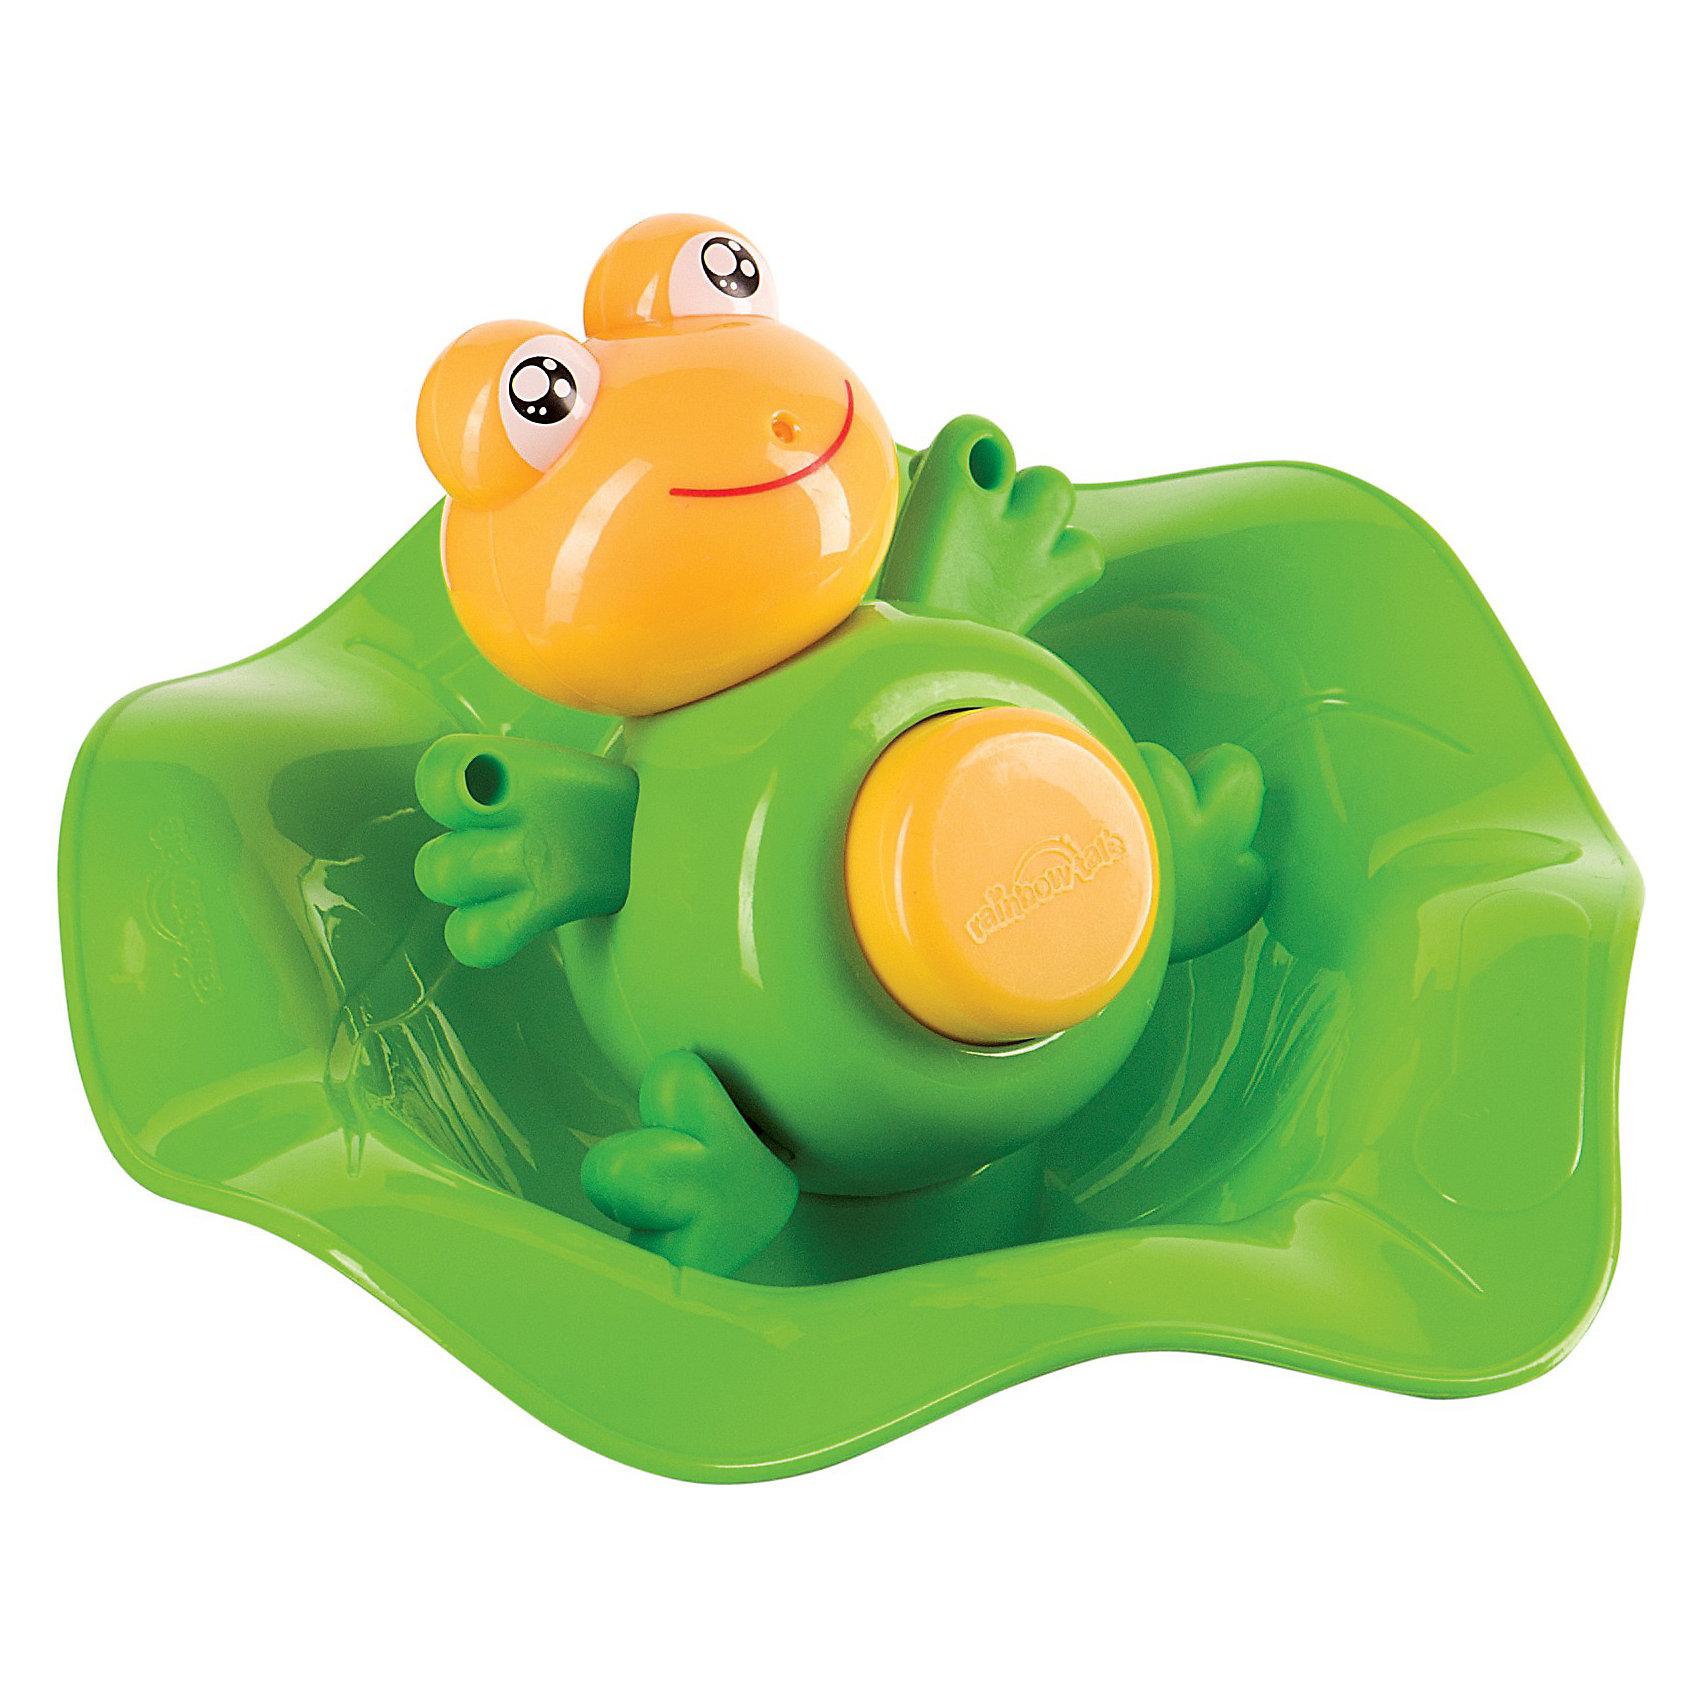 Лягушка -прорезыватель и ковш,  Happy BabyПрорезыватели<br>Лягушка-прорезыватель сделана по принципу 2 в 1. Её можно использовать как прорезыватель и как игрушку для ванны, которая превратит купание в веселую игру. Игрушка выполнена в виде яркой очаровательной лягушки и имеет безопасную овальную форму. Четыре прорезывателя в форме лапок будут нежно помассировать десны малыша. На животике лягушки расположена кнопка, при нажатии на которую, игрушка выстреливает струей воды. Голова лягушки поворачивается в разные стороны. В комплект входит оригинальный ковшик для воды, выполненный в виде листа лотоса, с которым ваш ребенок будет весело играть. Развивает: зрение, мелкую моторику, цветовое восприятие, тактильные ощущения, хватательные движения, концентрацию внимания.<br><br>Дополнительная информация:<br><br>- В наборе: лягушка, ковш<br>- Материал: высококачественный пластик<br>- Высота лягушки: 9,5 см.<br>- Размер ковша: 16 х 17 х 6 см.<br>- Размер упаковки: 25,5 х 7 х 19,5 см.<br><br>Лягушку -прорезыватель и ковш,  Happy Baby (Хэппи Беби) можно купить в нашем интернет-магазине.<br><br>Ширина мм: 255<br>Глубина мм: 70<br>Высота мм: 195<br>Вес г: 170<br>Возраст от месяцев: 0<br>Возраст до месяцев: 36<br>Пол: Унисекс<br>Возраст: Детский<br>SKU: 3918479